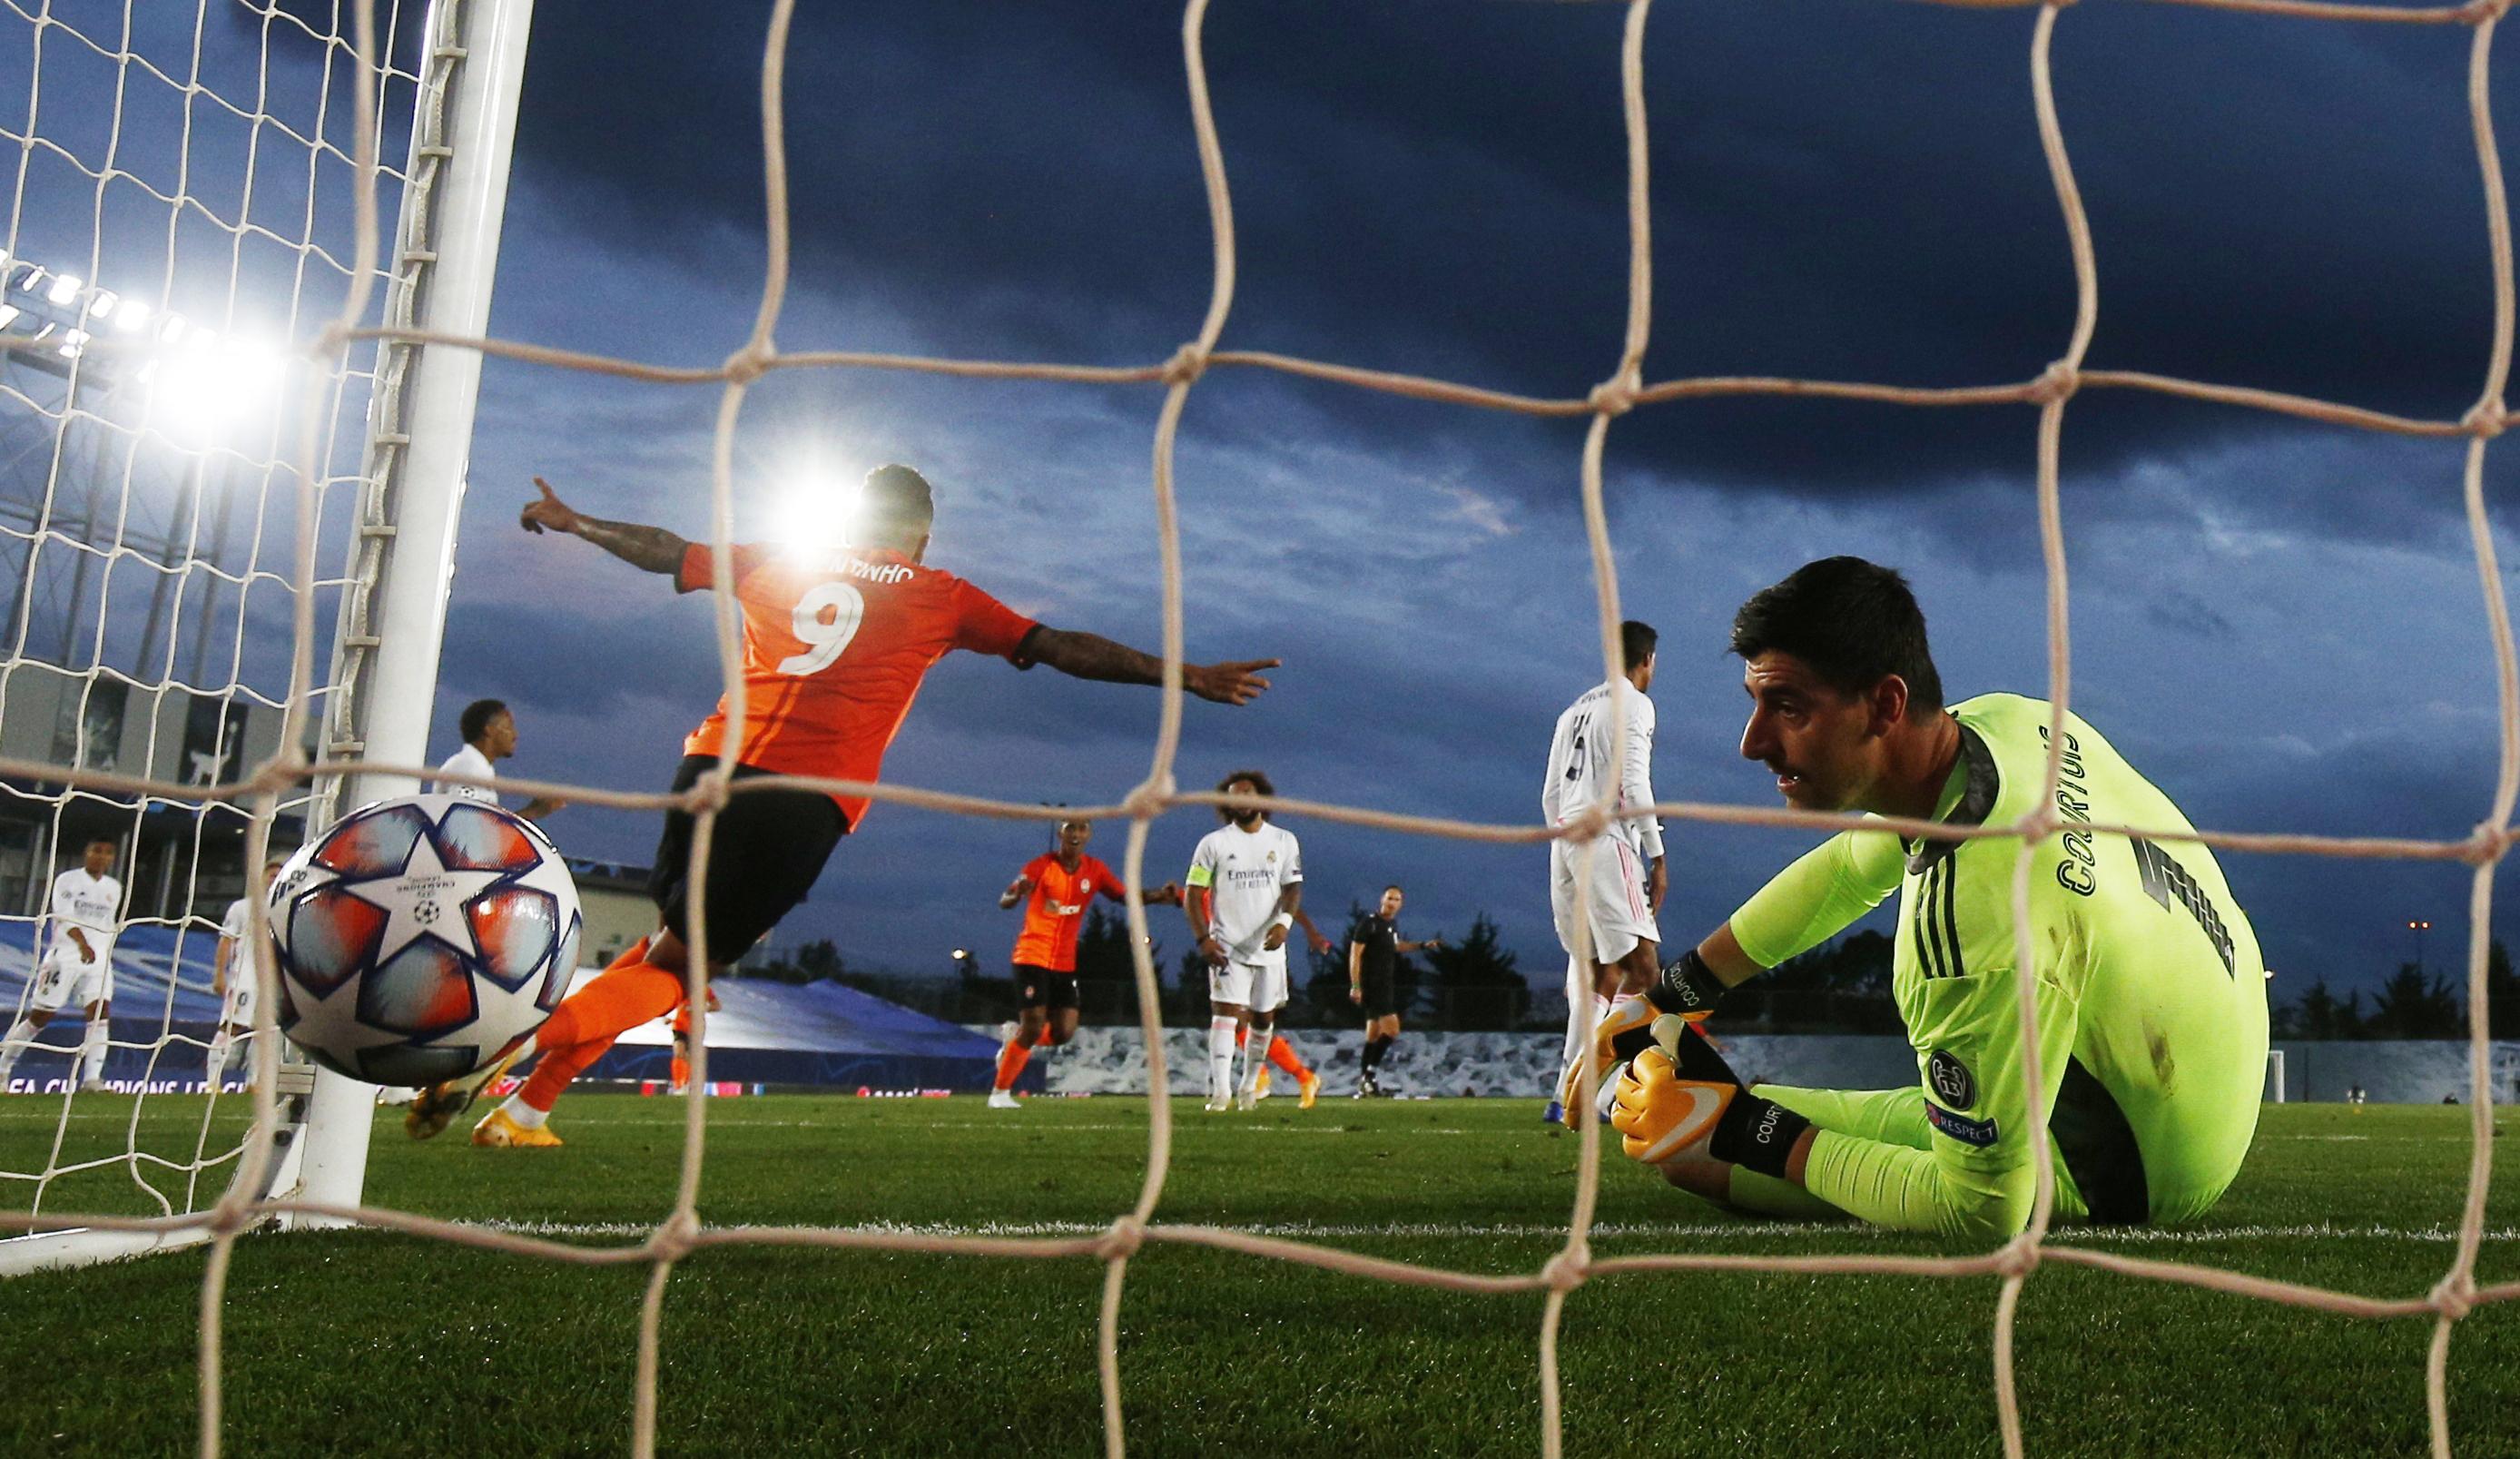 Le Real Madrid humilié par «l'équipe bis» de Donetsk - Ligue des champions - Football